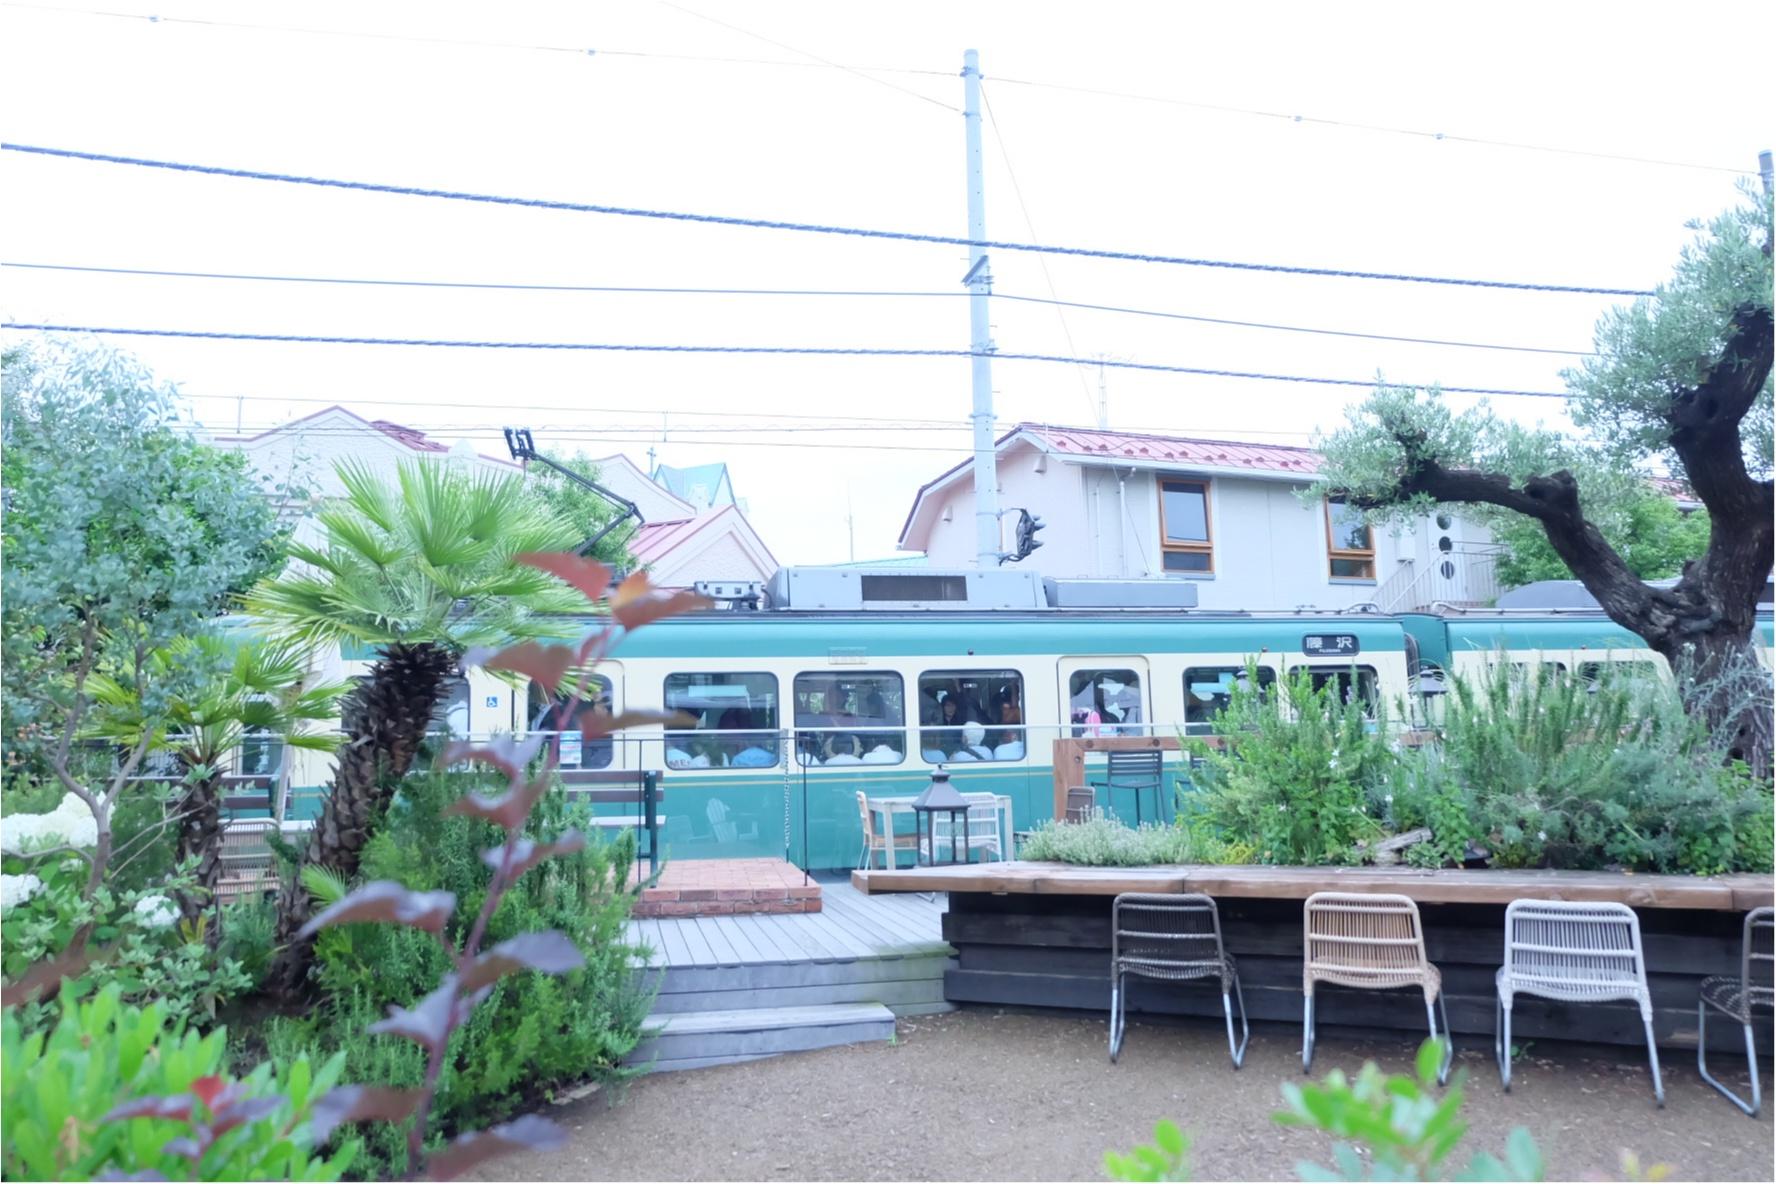 混まない穴場!カラフルで新鮮な鎌倉野菜が食べられるおしゃれレストラン♡_7